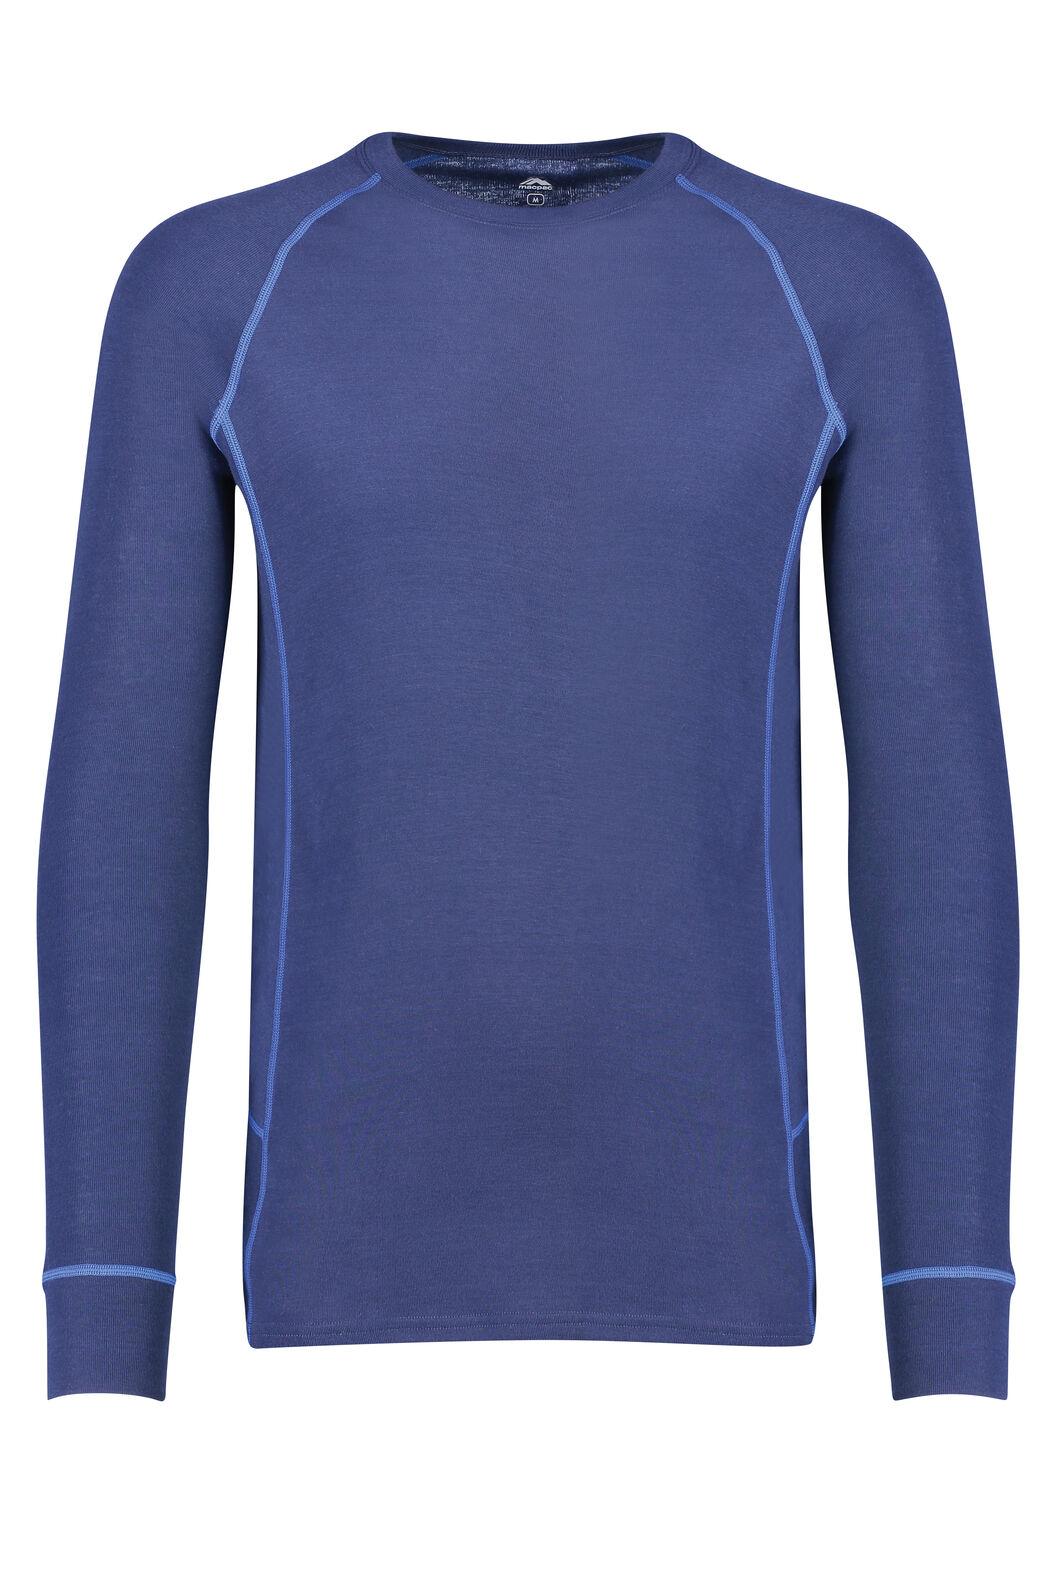 Macpac Geothermal Long Sleeve Top - Men's, Medieval Blue, hi-res